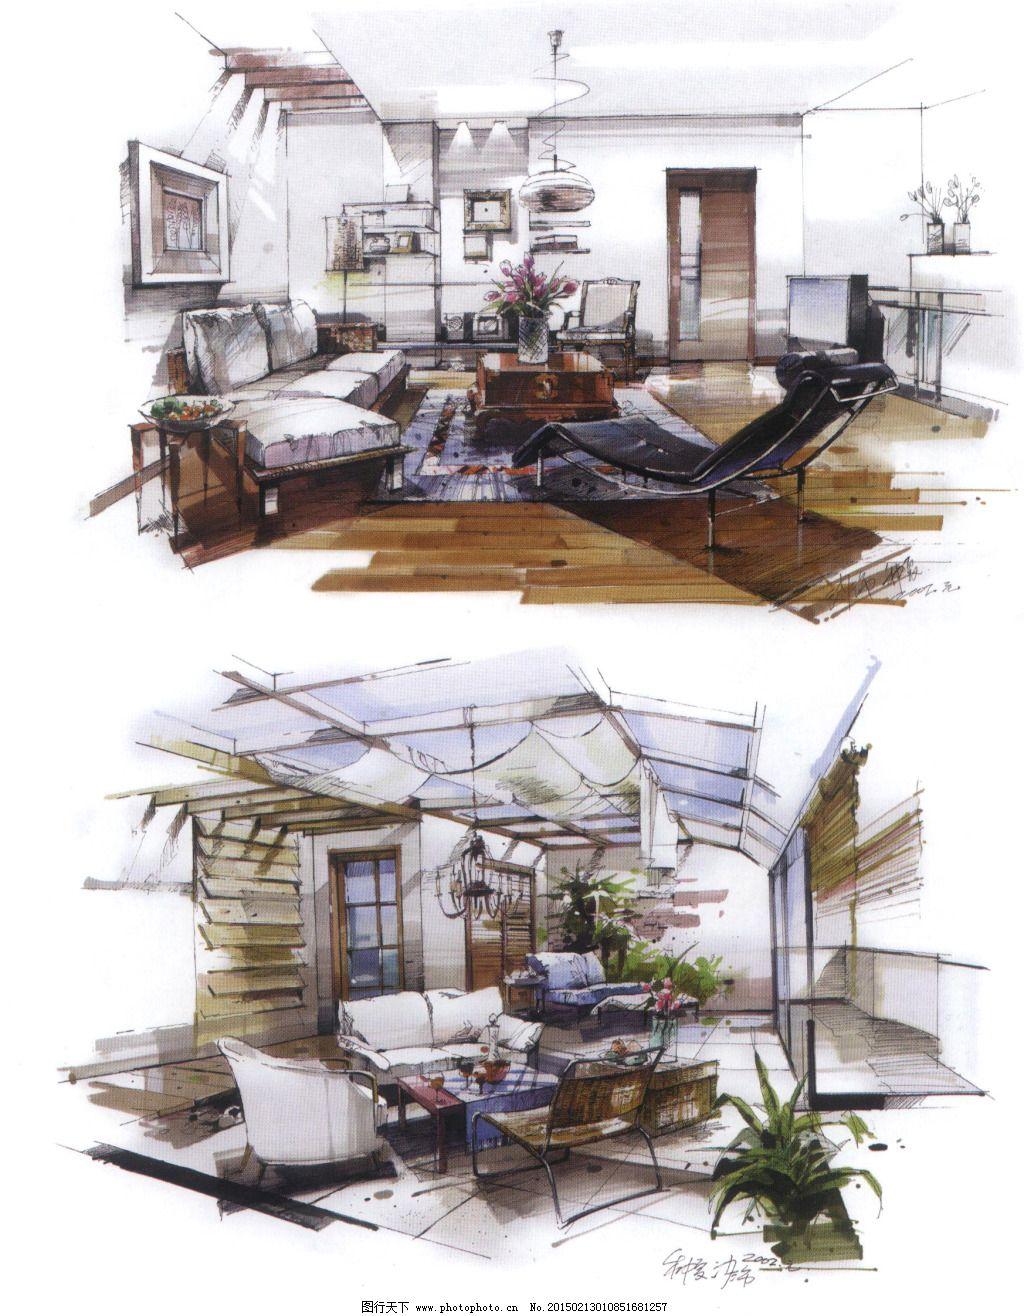 客厅布局手绘图片素材